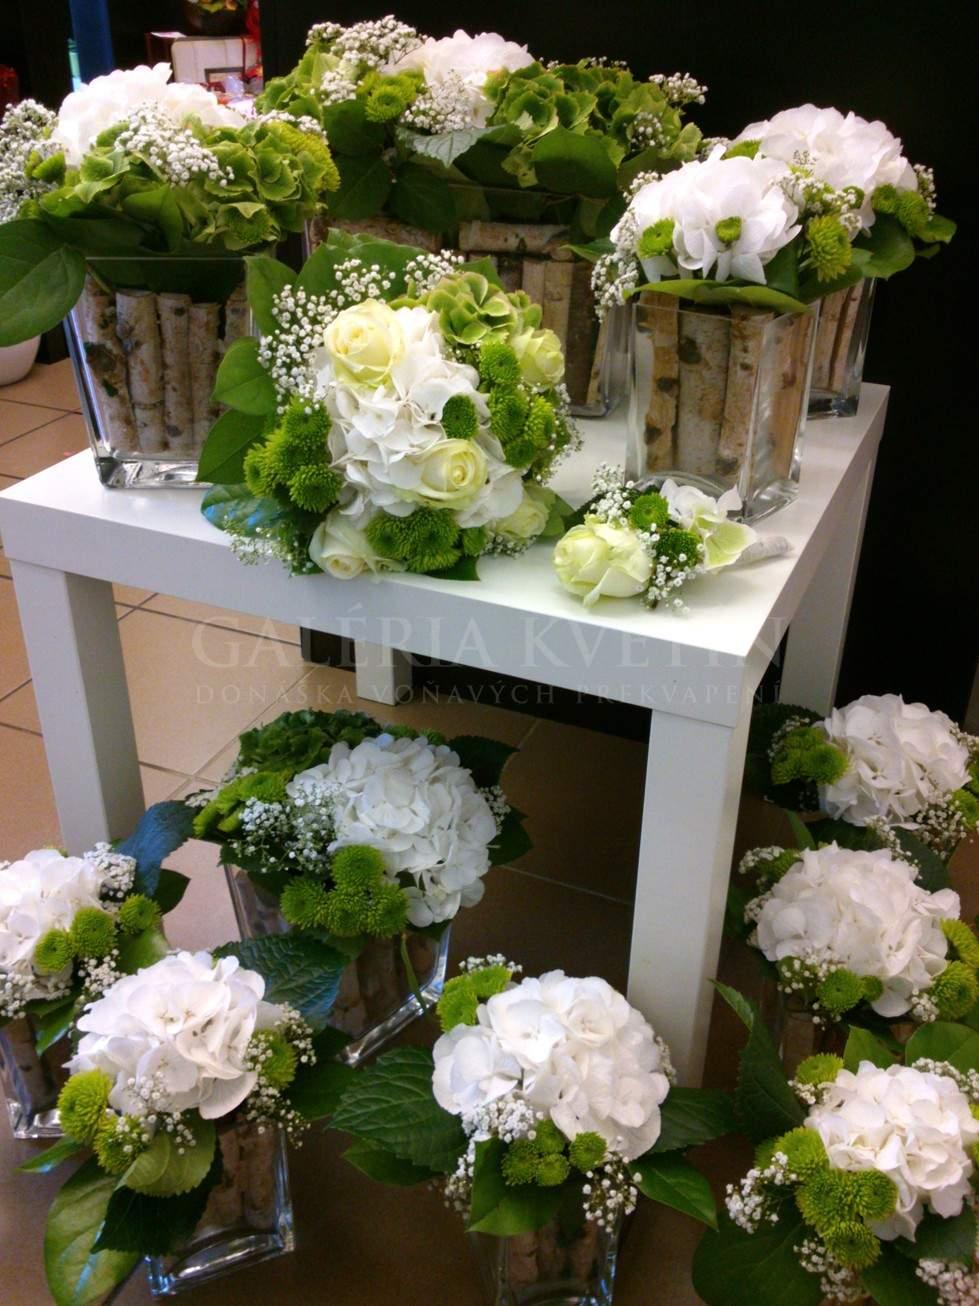 b06585b1934b Čistota týchto kvetinových dekorácií vyzdvihuje svadobnú udalosť ako takú.  Celá svadobná dekorácia kvetov bola robená presne podľa požiadaviek nevesty  a ...